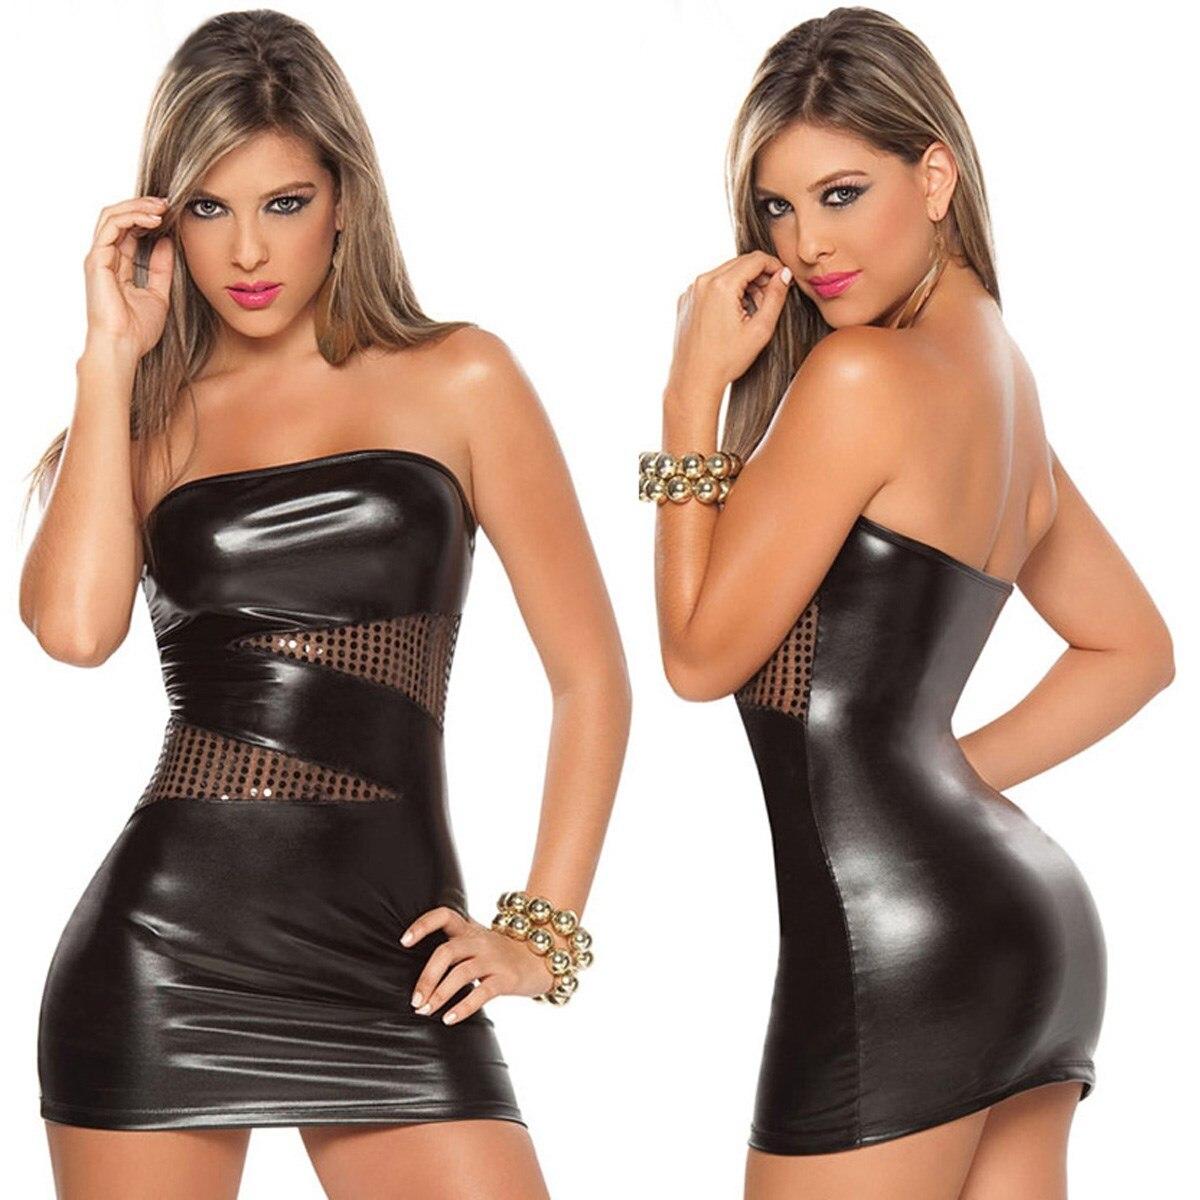 Robe de club Sexy pour femmes avec poitrine enveloppée de simili cuir et collants laqués Perspective robe fesse dos nu à poitrine basse 2